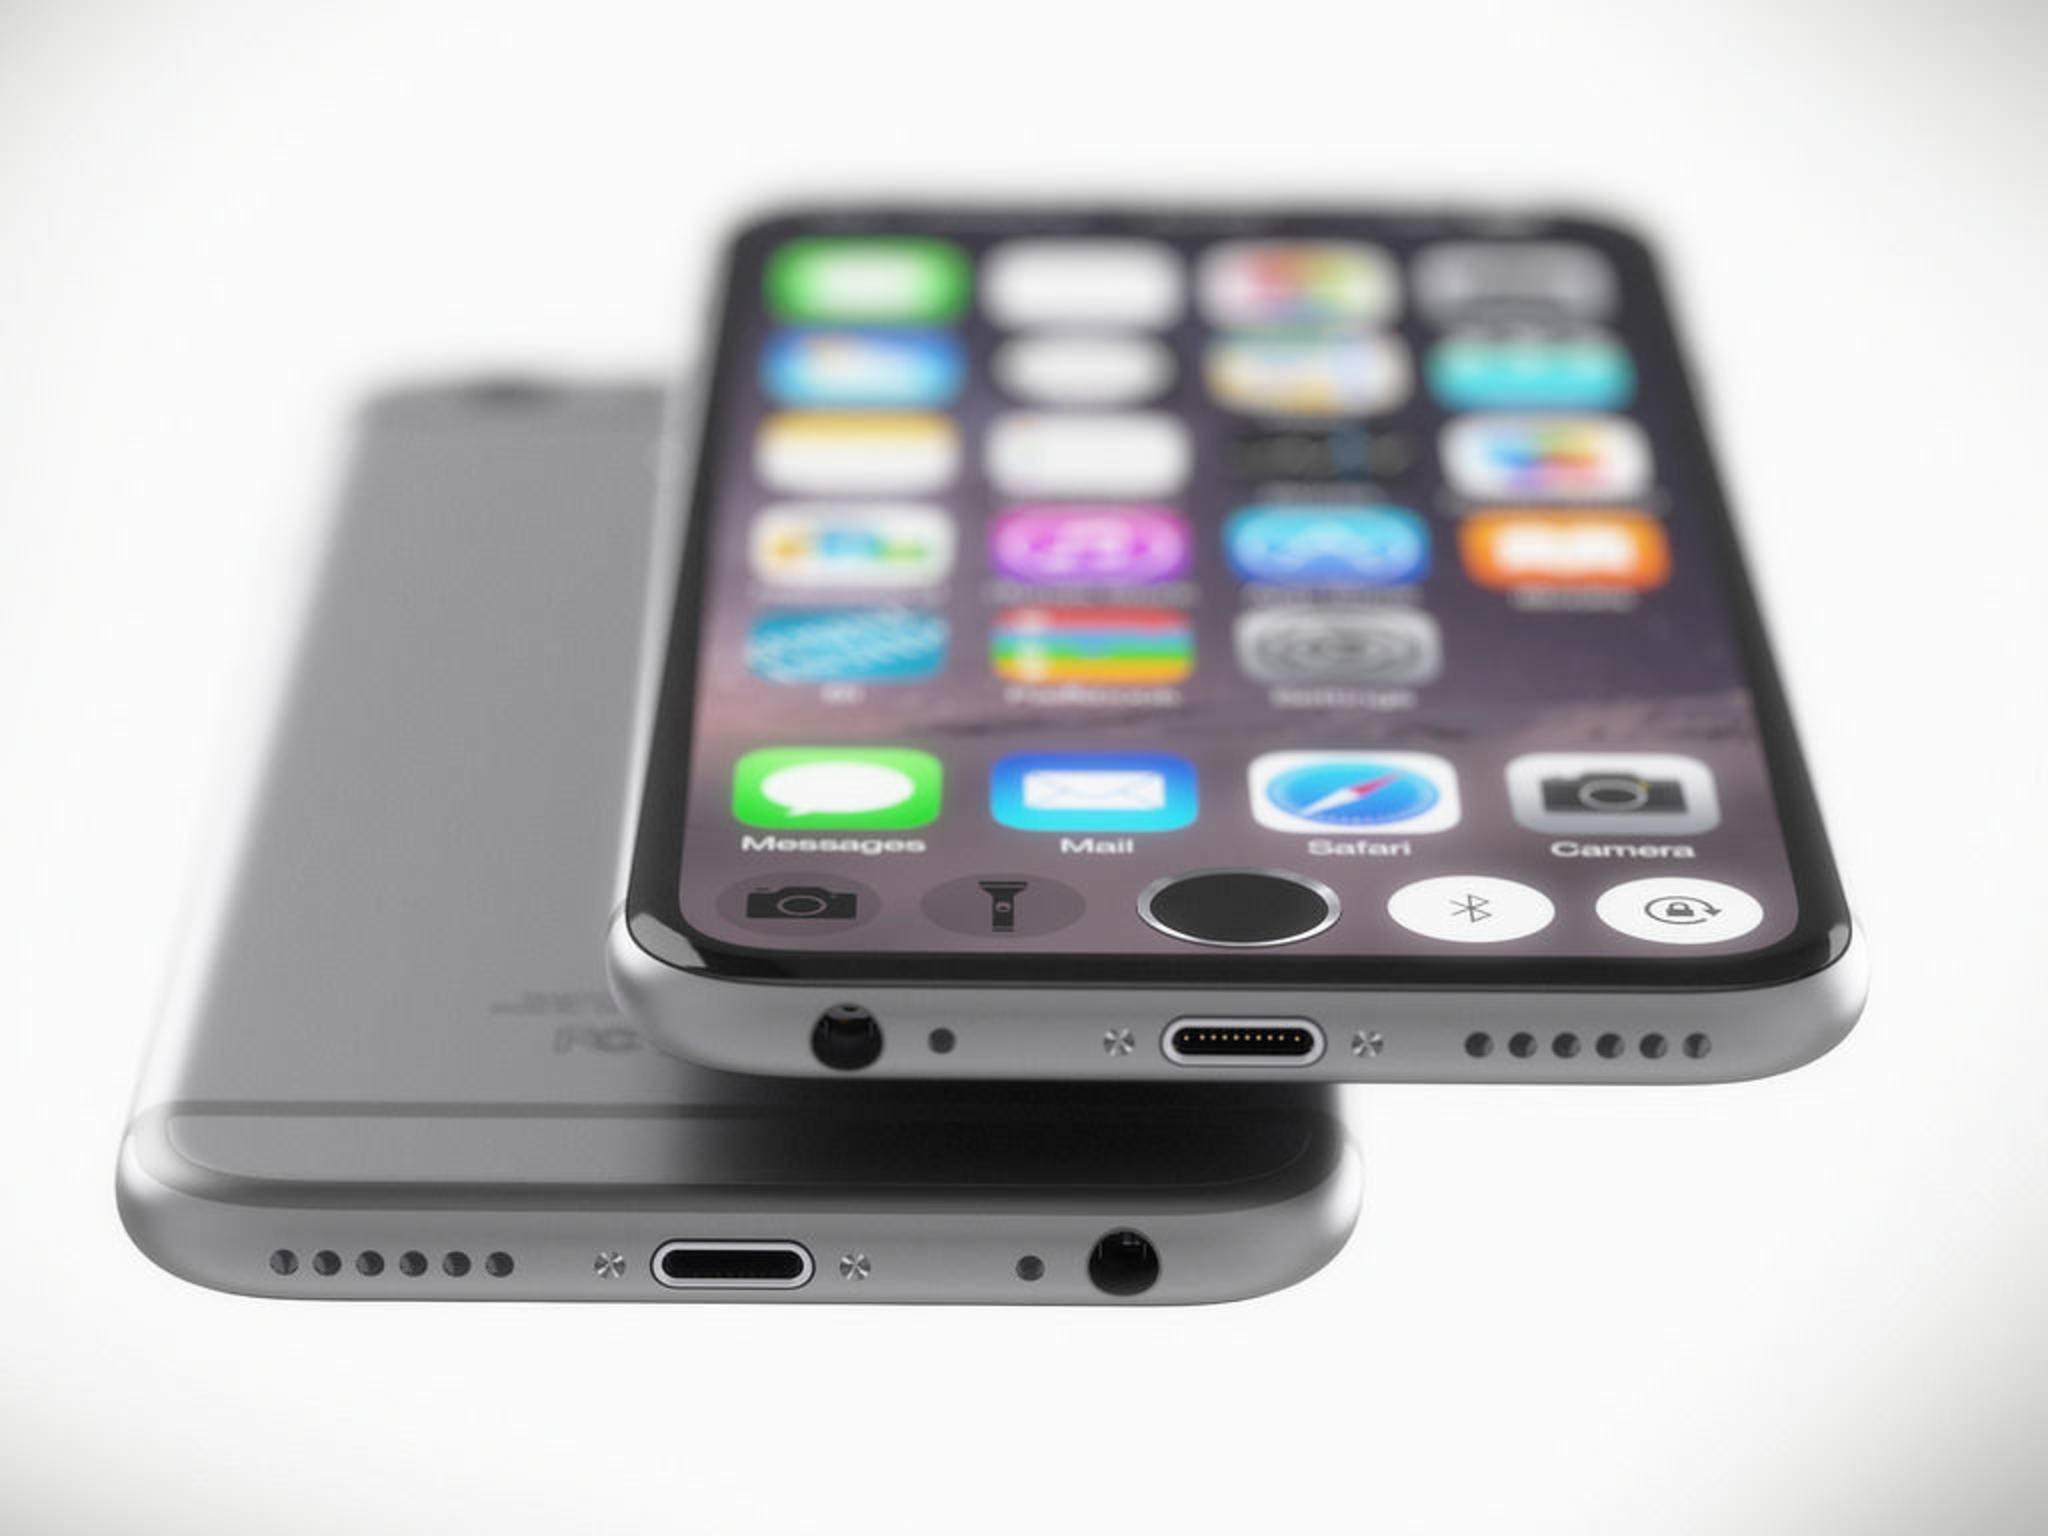 iOS 9 soll auf dem iPhone 6s tatsächlich Force Touch unterstützen.